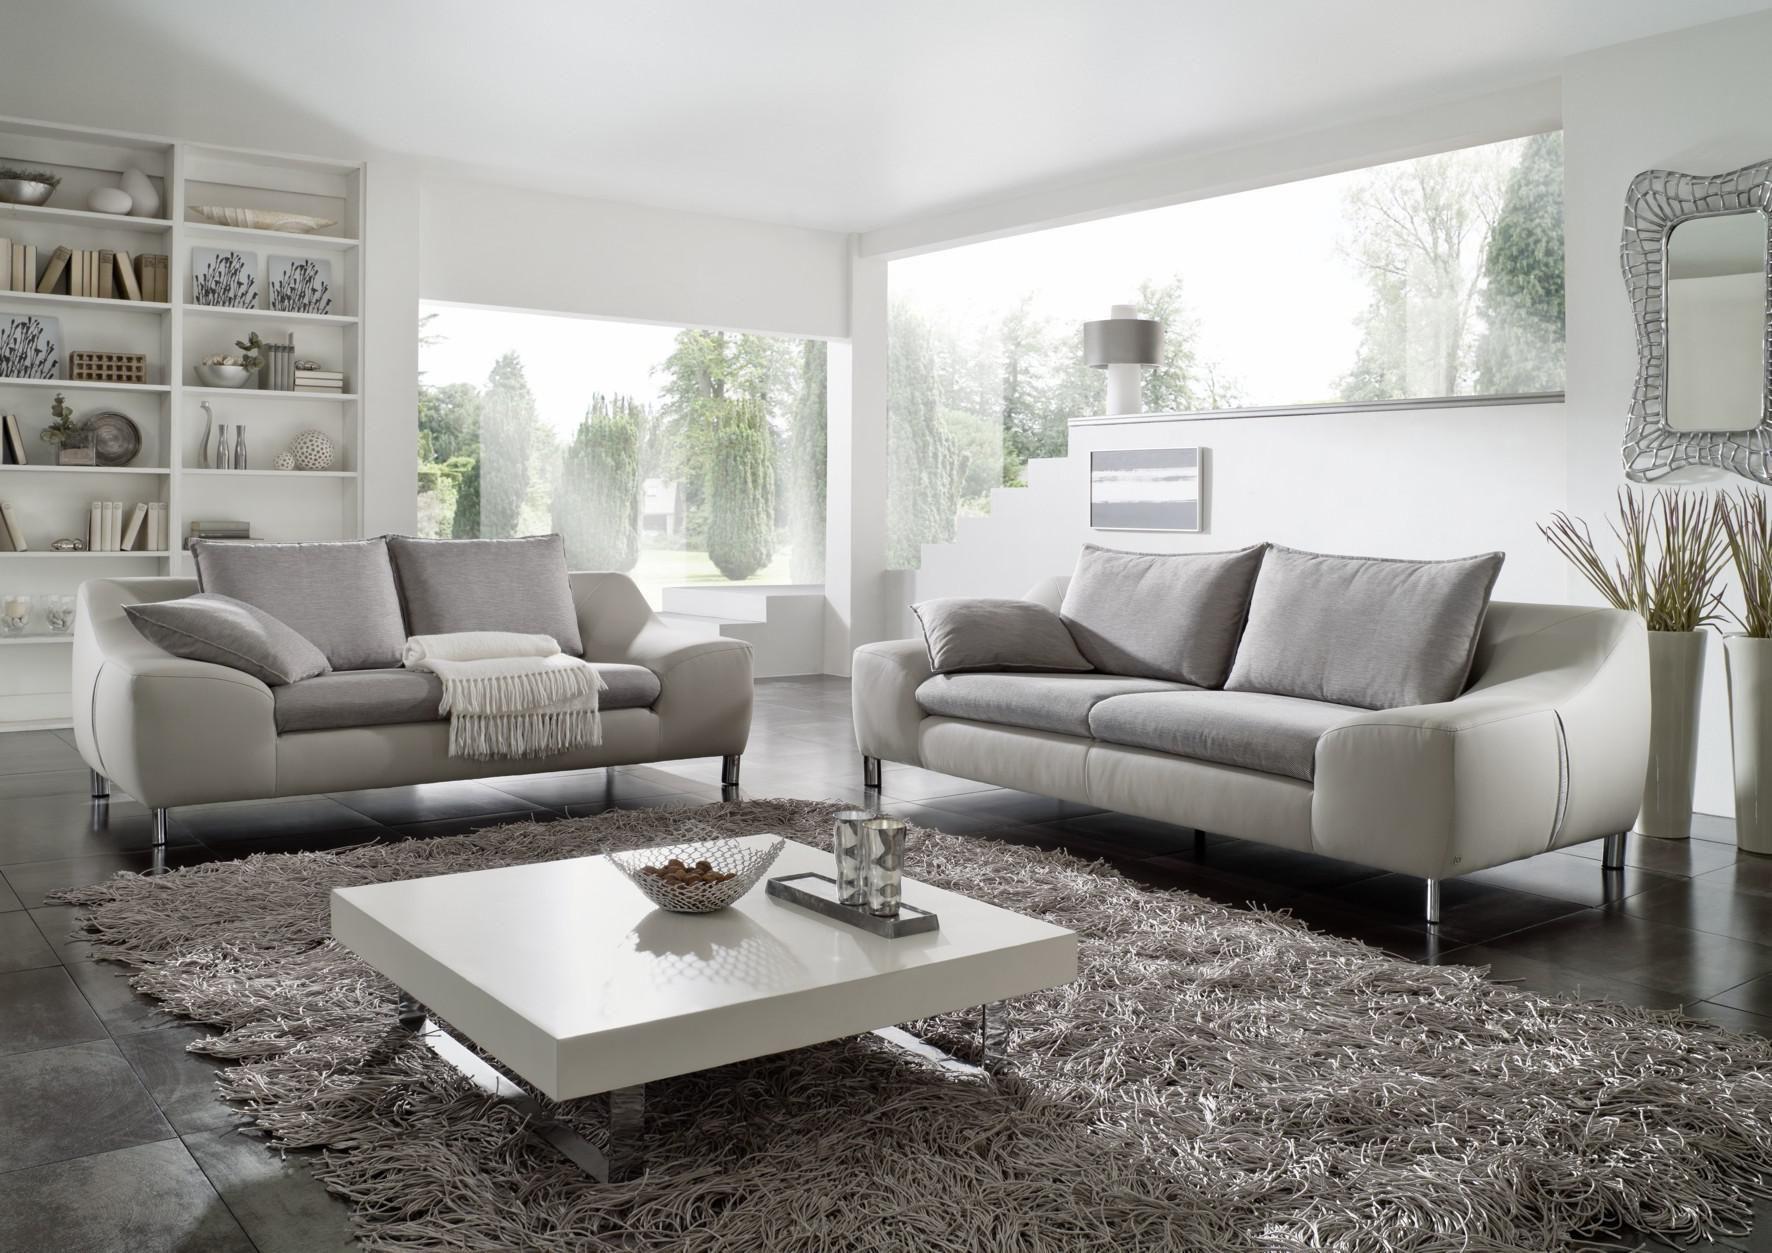 Wohnideen Wohnzimmer Beige Braun: Wohnzimmer Beige Weiß